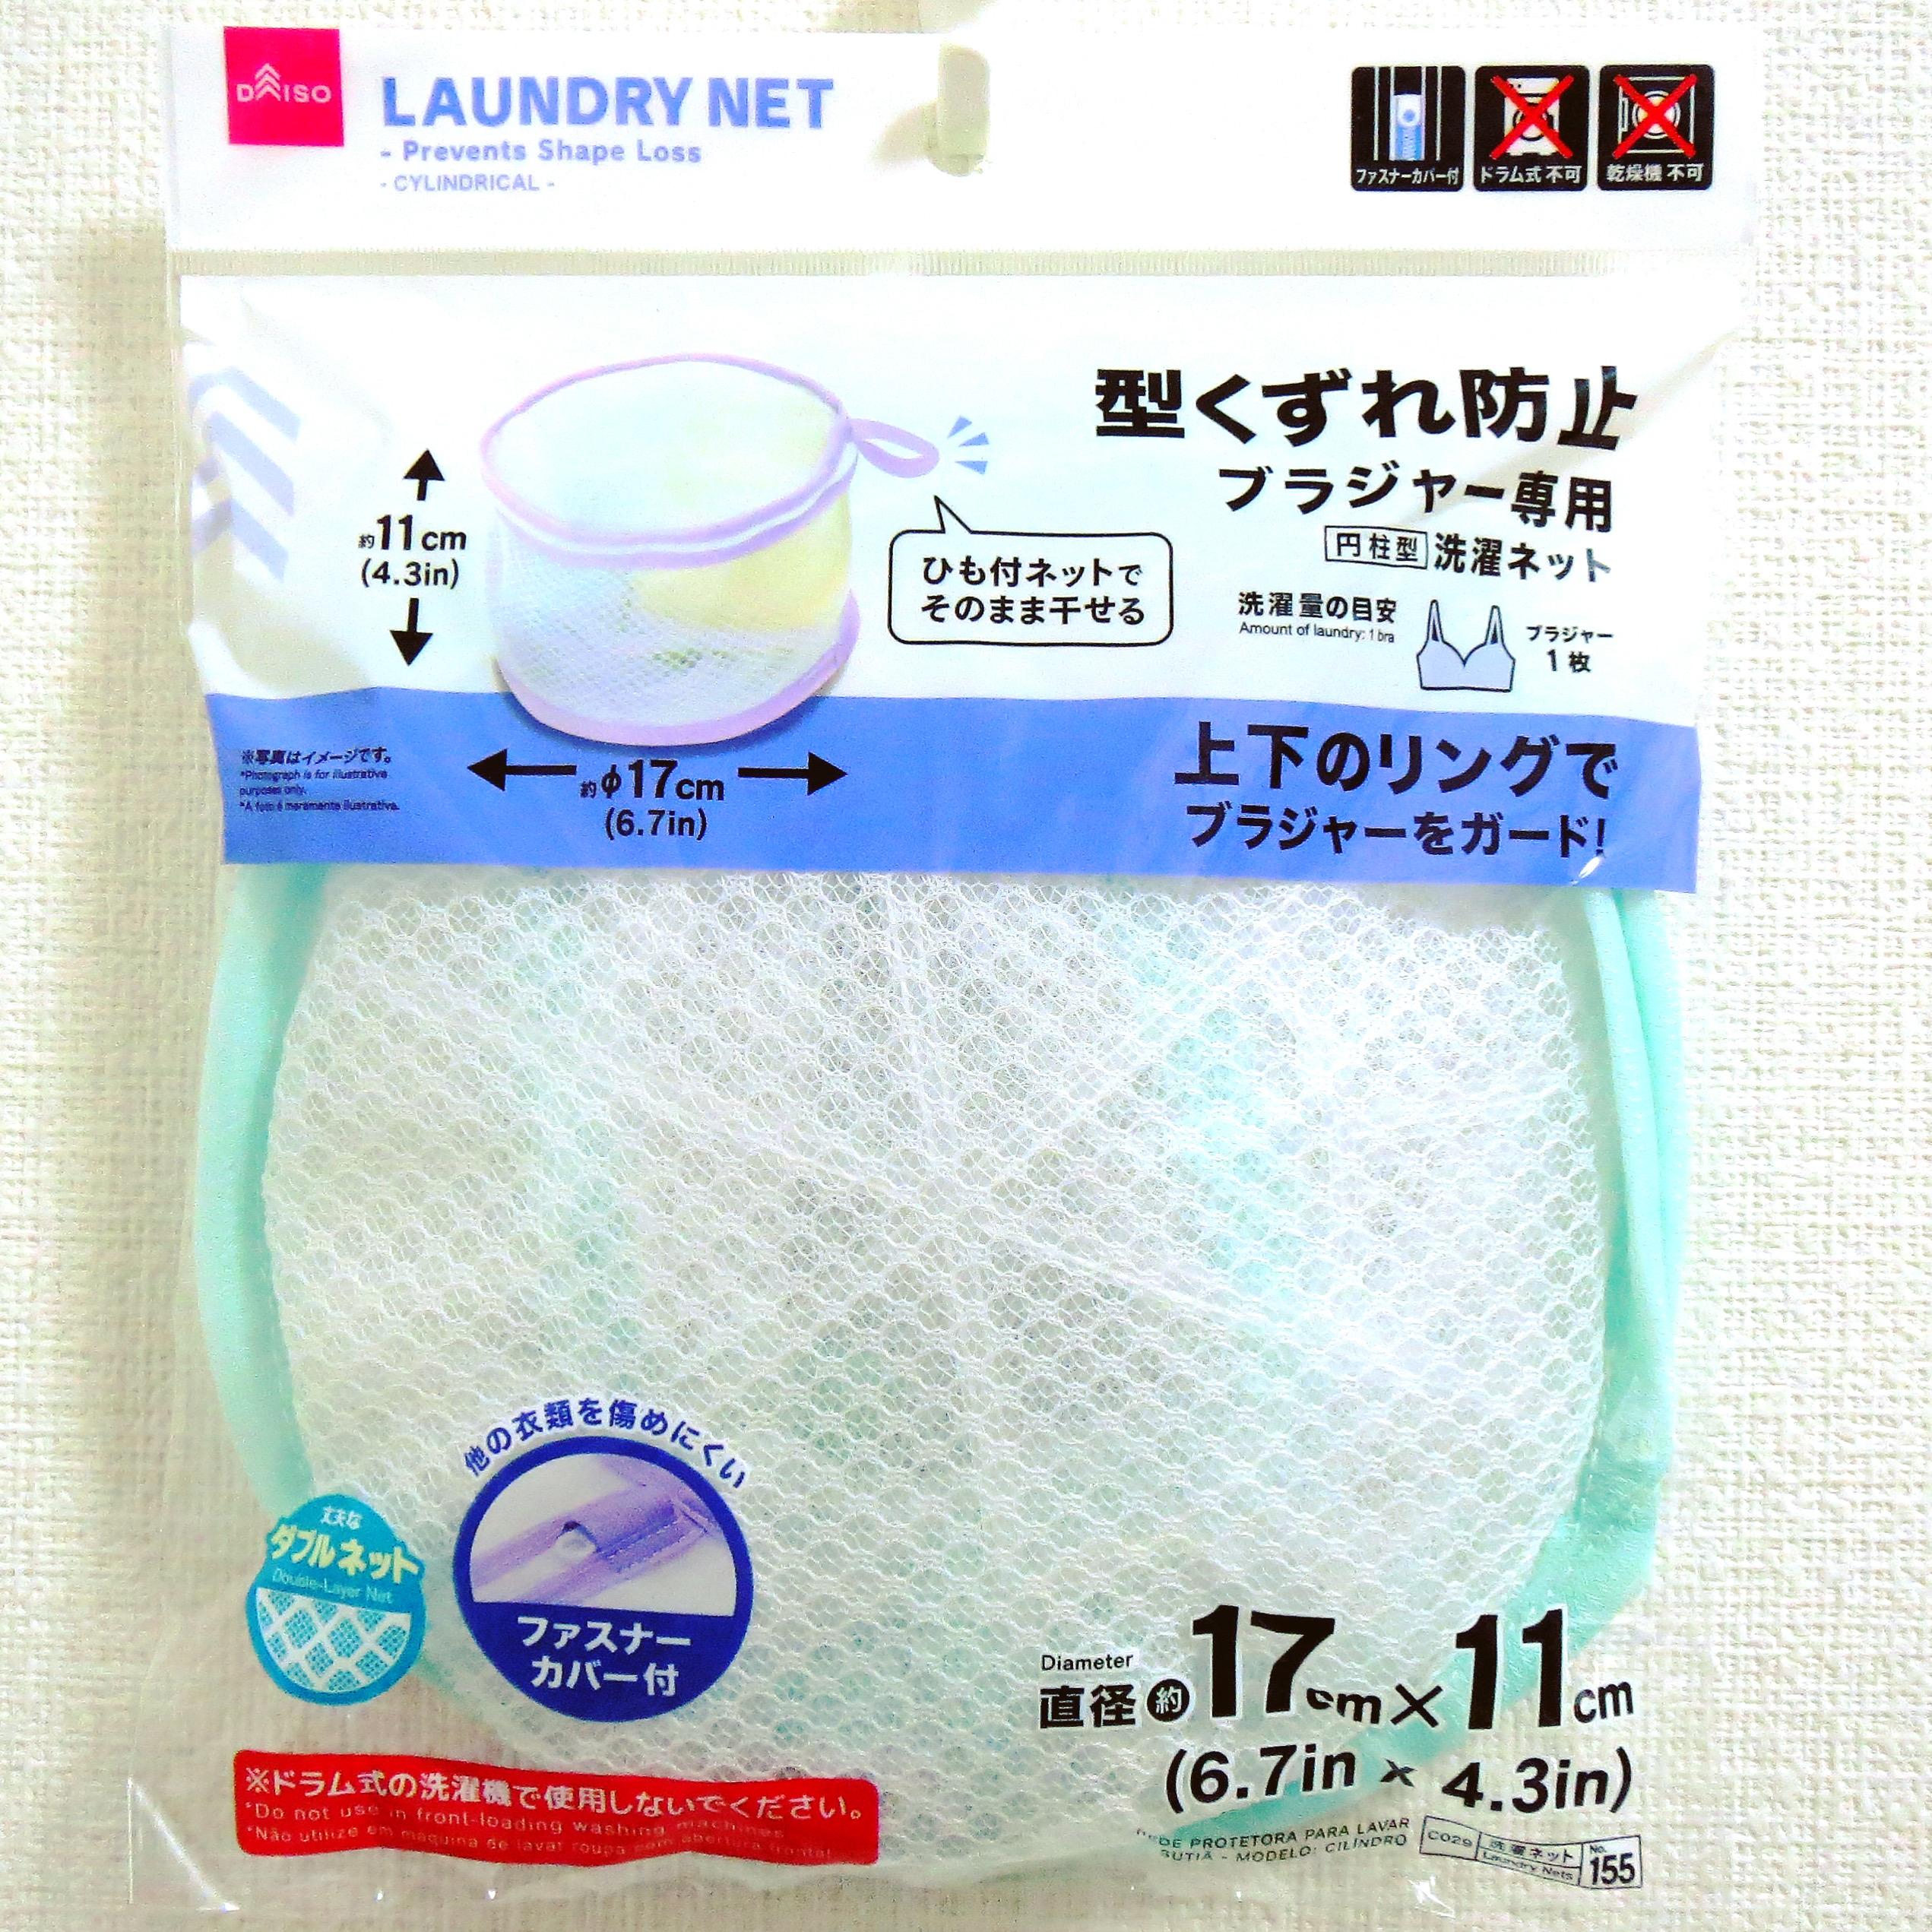 型くずれ防止ブラジャー専用洗濯ネット(ダイソー)